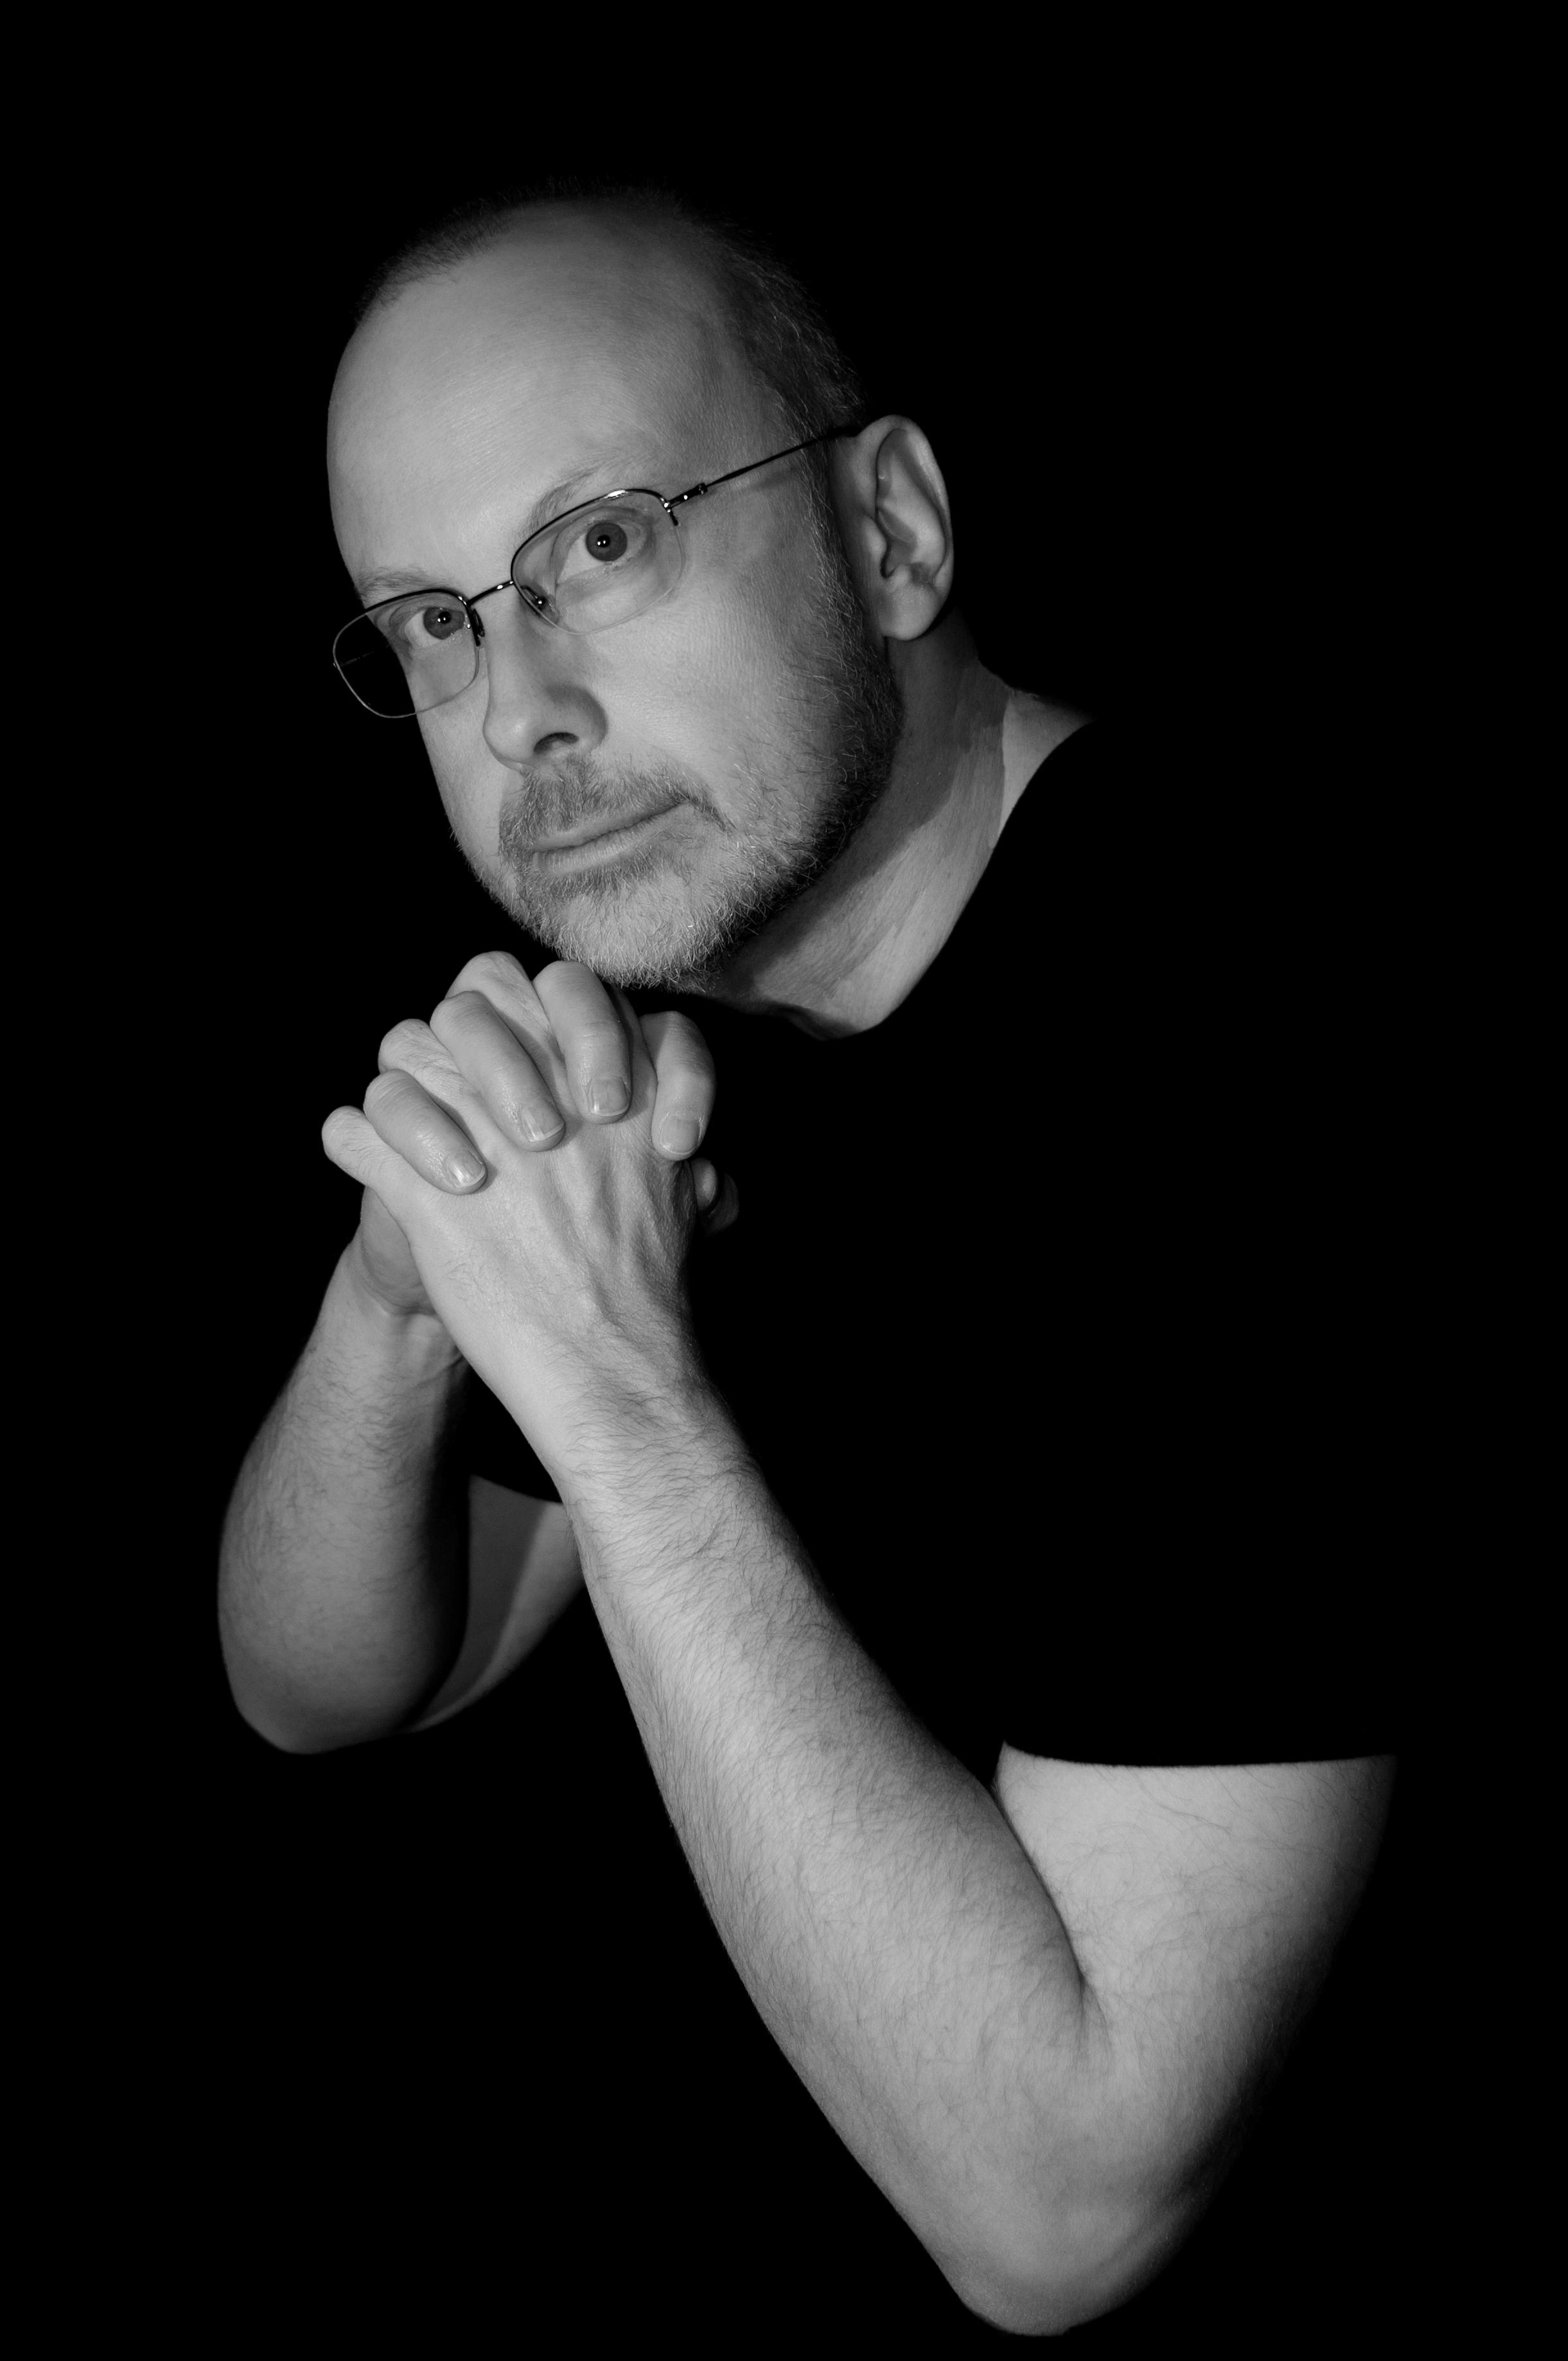 Author photo courtesy of Robert J. Sawyer